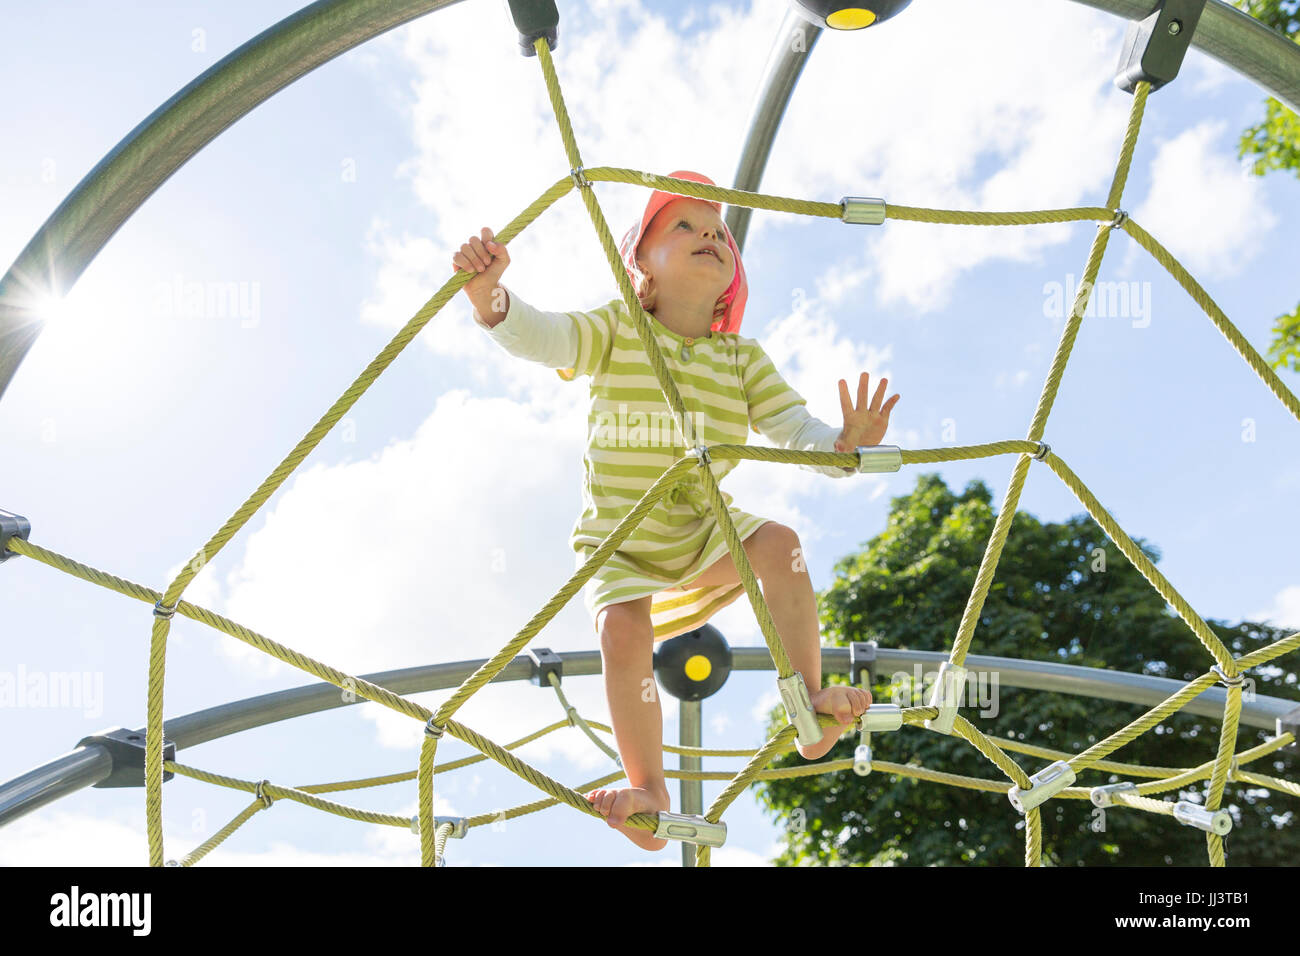 Klettergerüst Kleinkinder : Moers riesiges buntes klettergerüst und große schaukel für